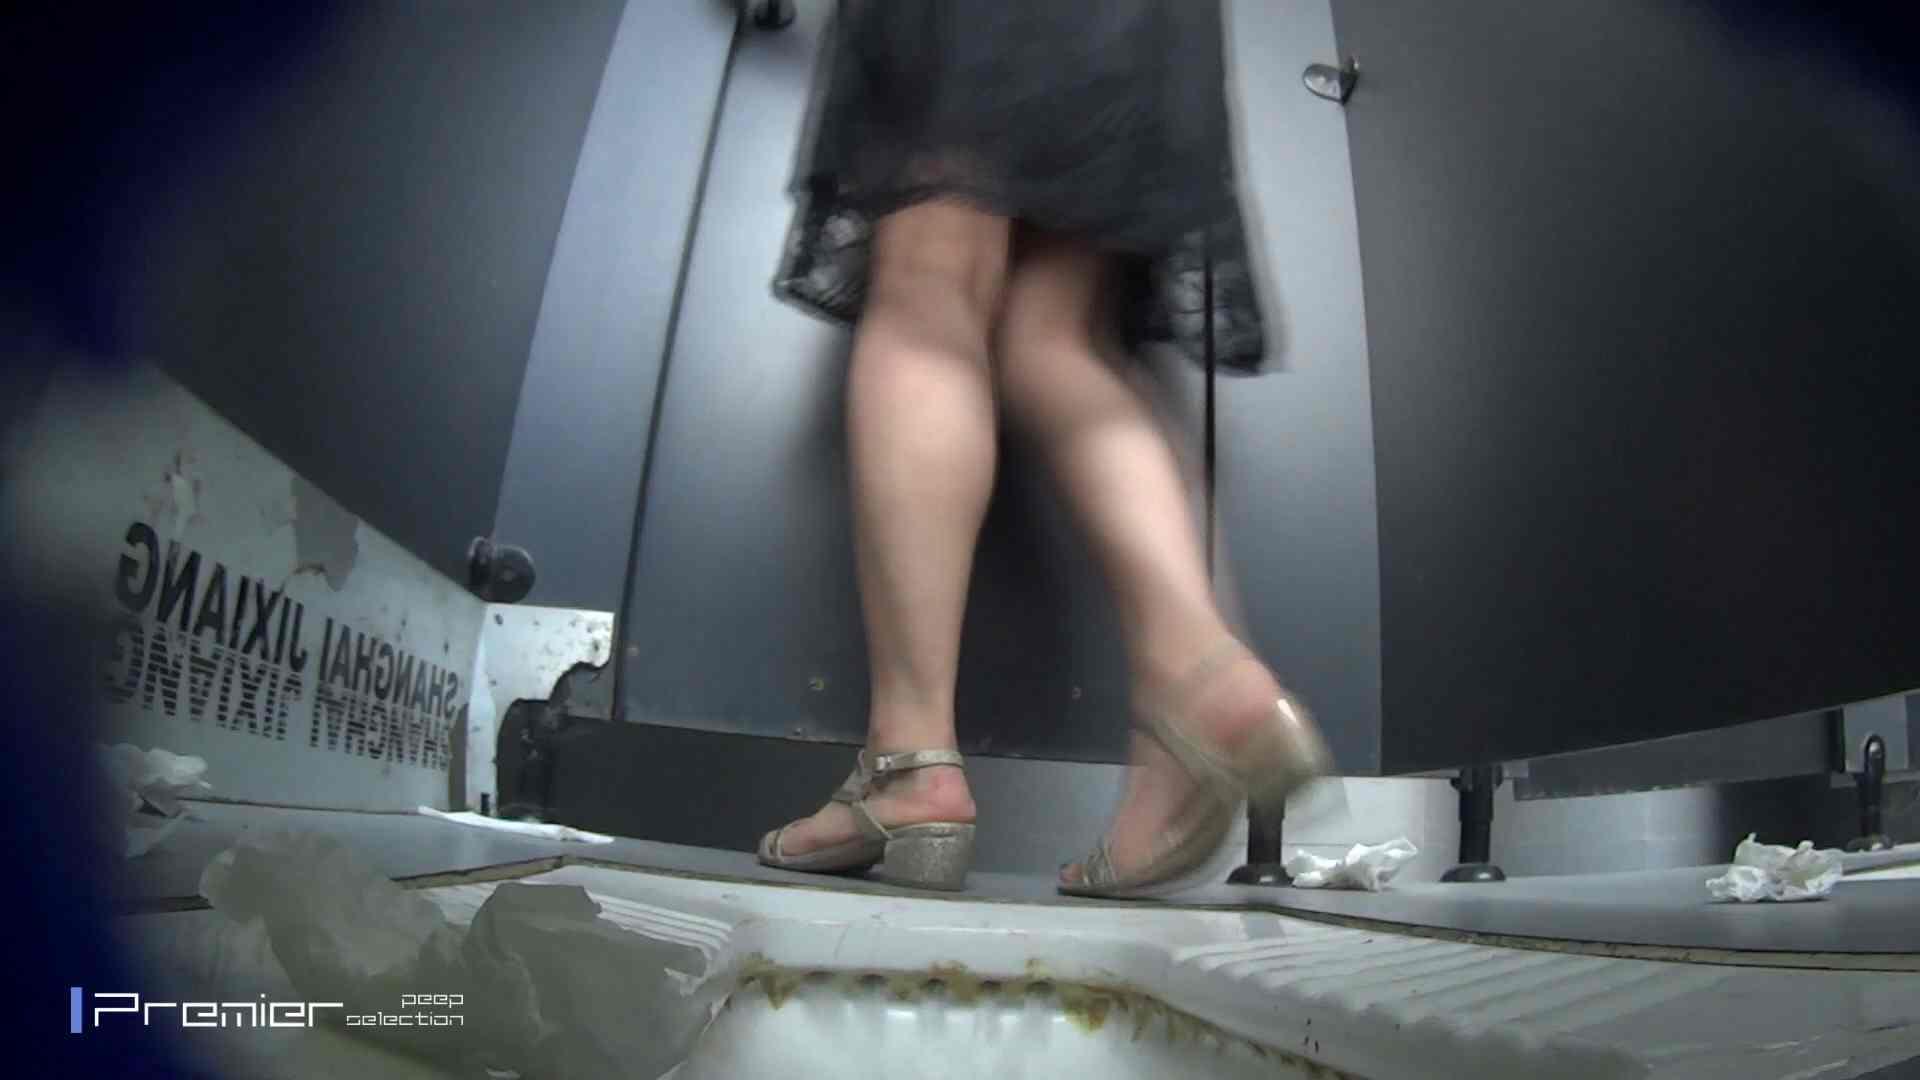 スキニージーンズの美女 大学休憩時間の洗面所事情56 盗撮映像  94Pix 71